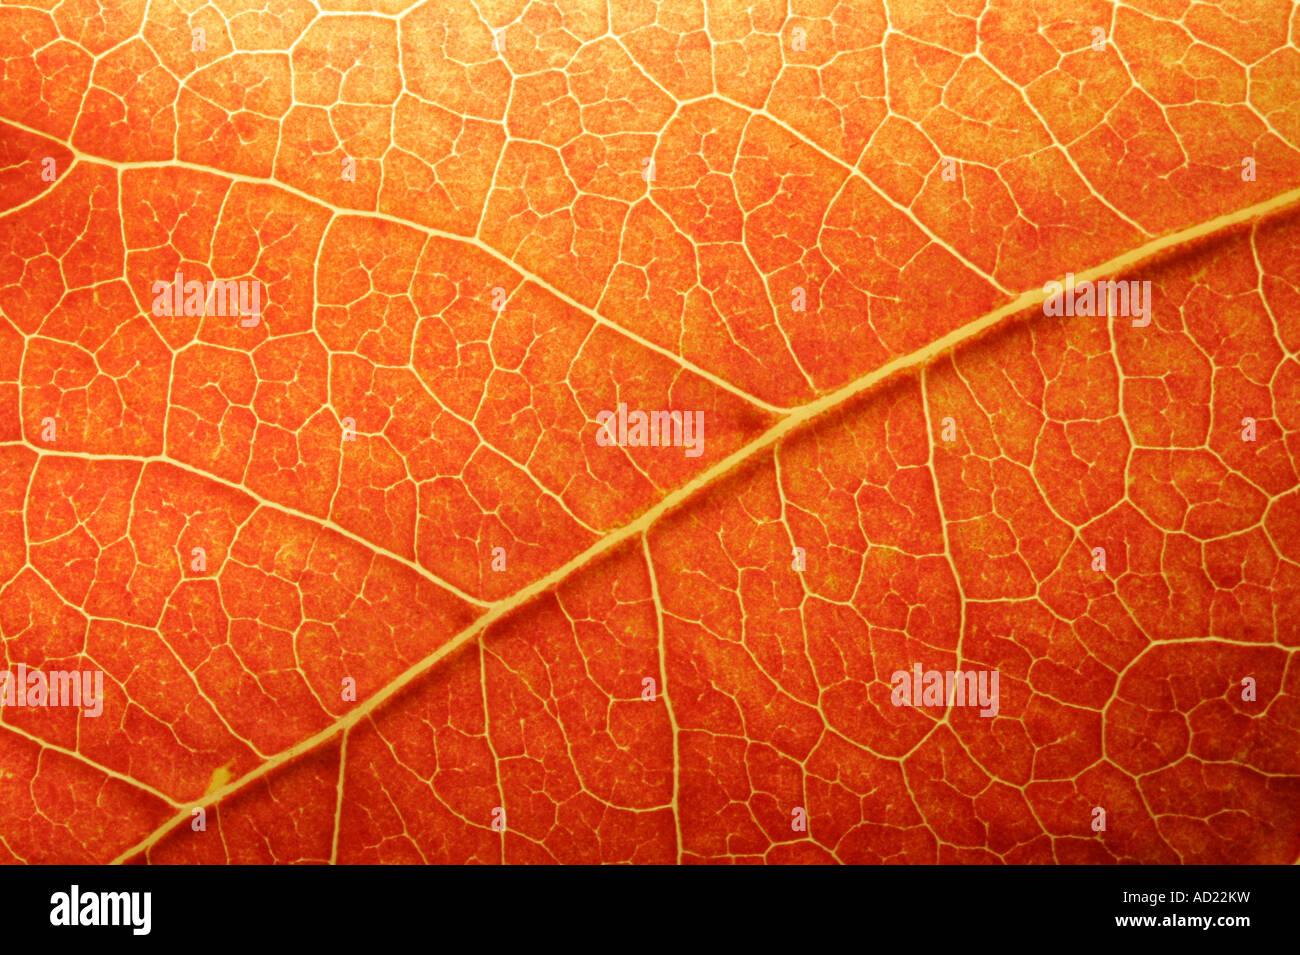 Makro von einem farbigen Blatt im Herbst Stockbild